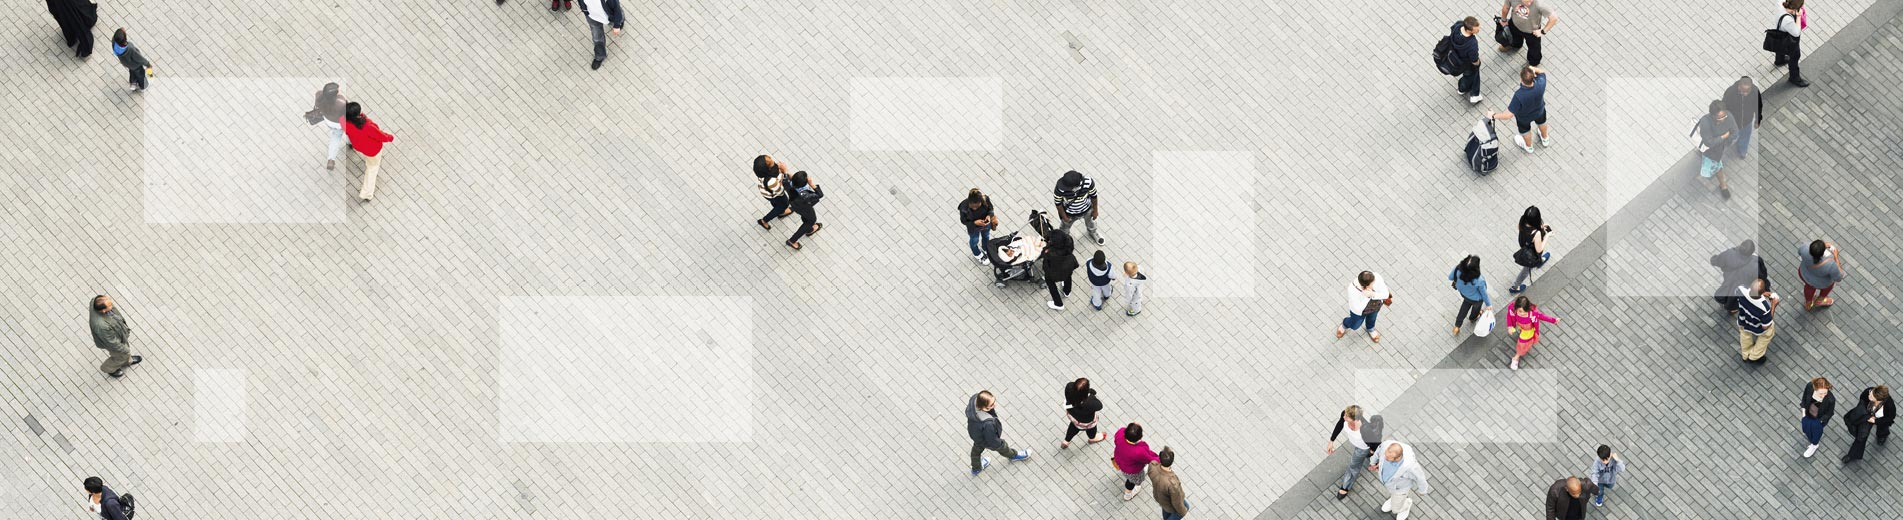 People walking around